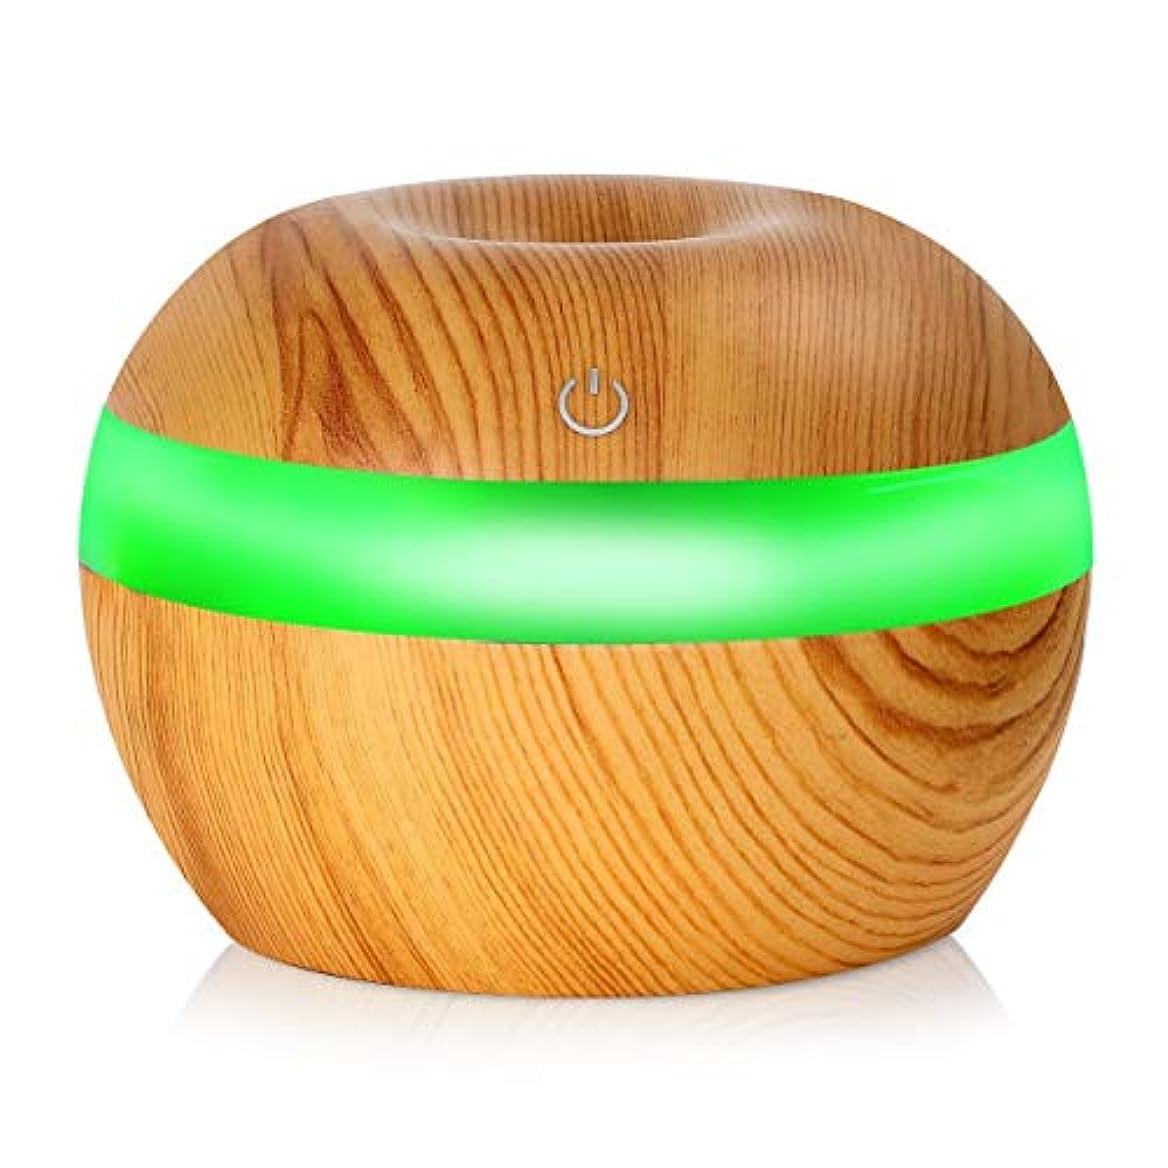 応じる冷笑する植物のSaikogoods 7色の変更Nightlightsと電子 木目 超音波エッセンシャルオイルディフューザー 水分加湿器 空気清浄 桃の木の色 03#